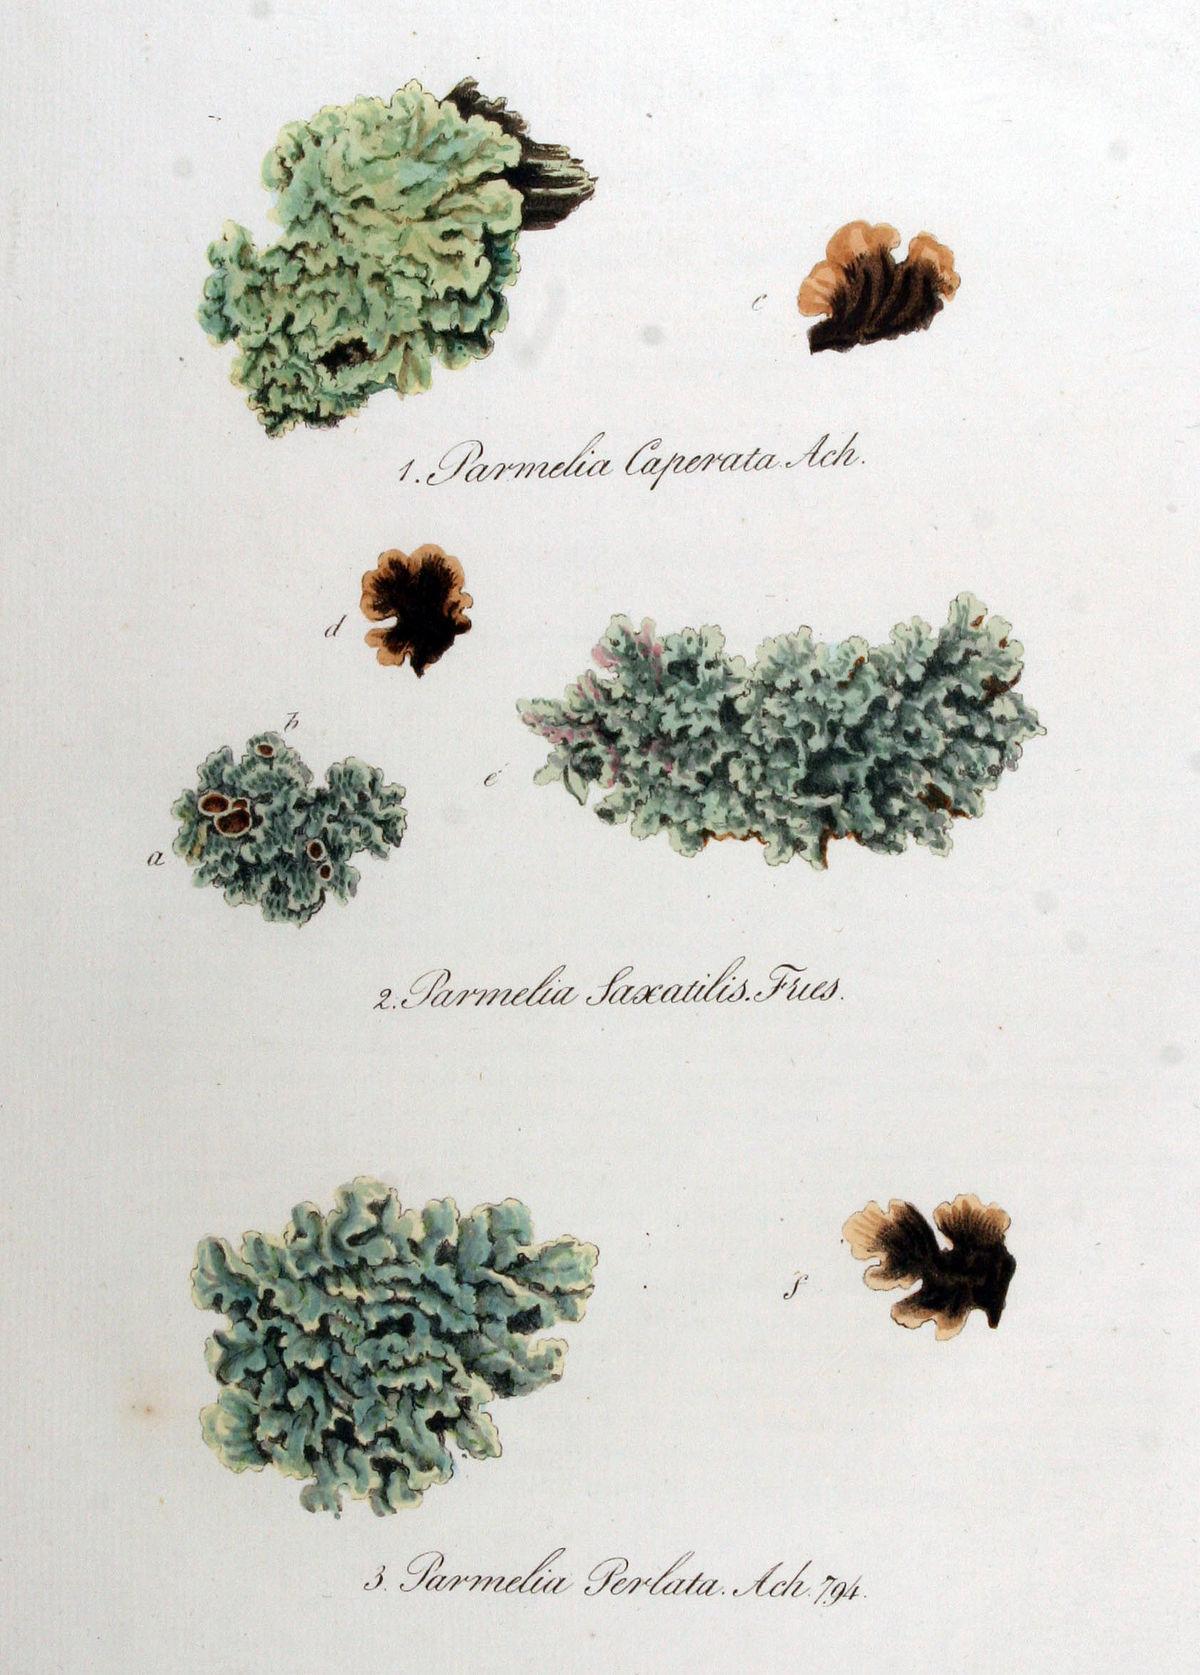 Parmotrema perlatum - Wikipedia